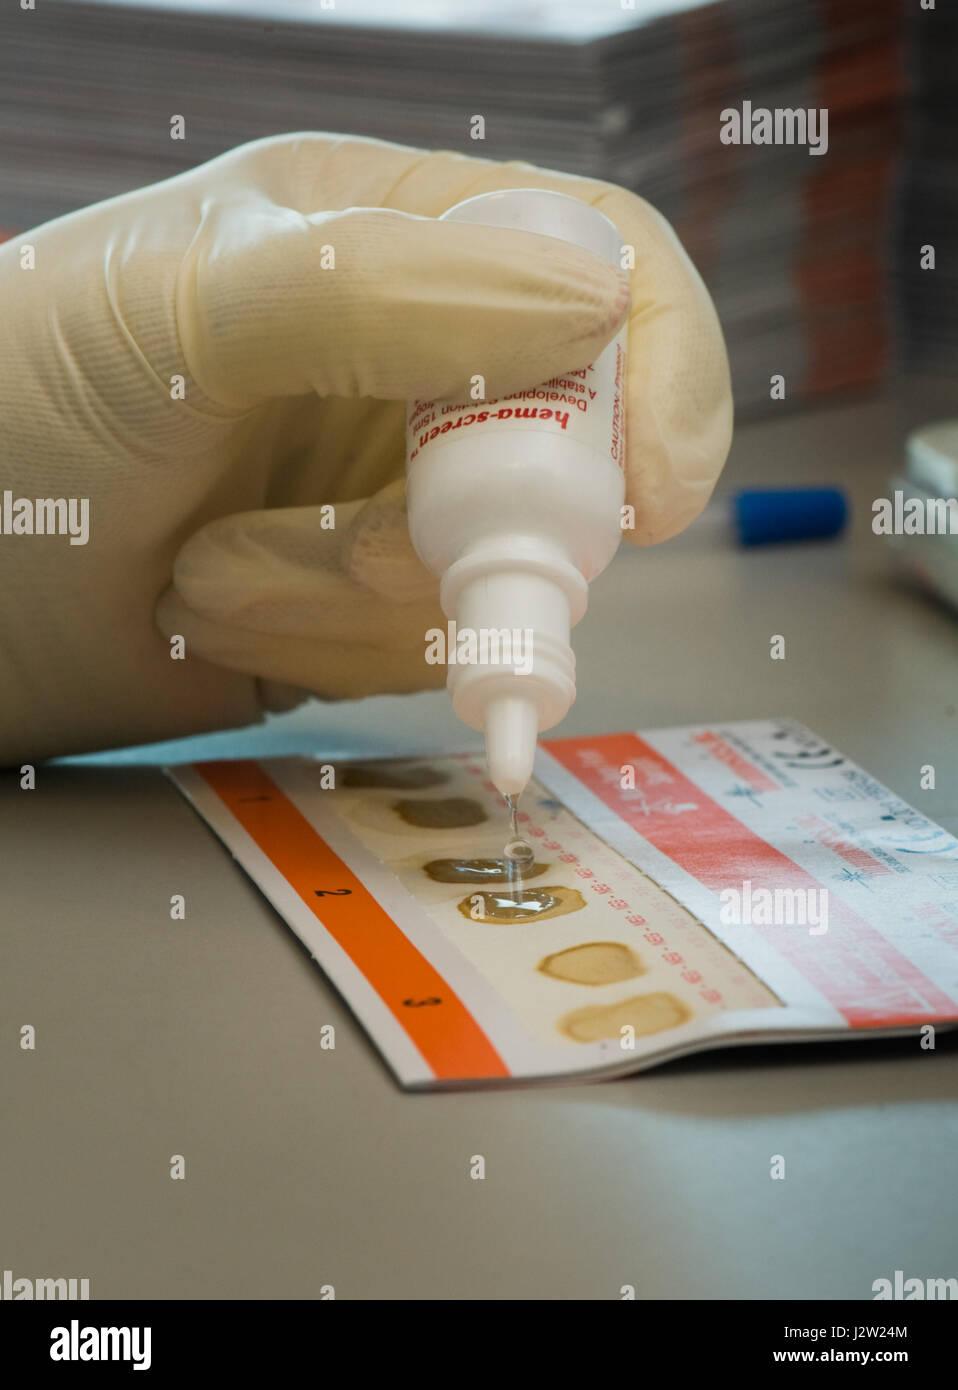 Testen von Kotproben auf ein Darm screening-Karte auf das Vorhandensein von okkultes Blut im Stuhl (versteckt) Stockbild